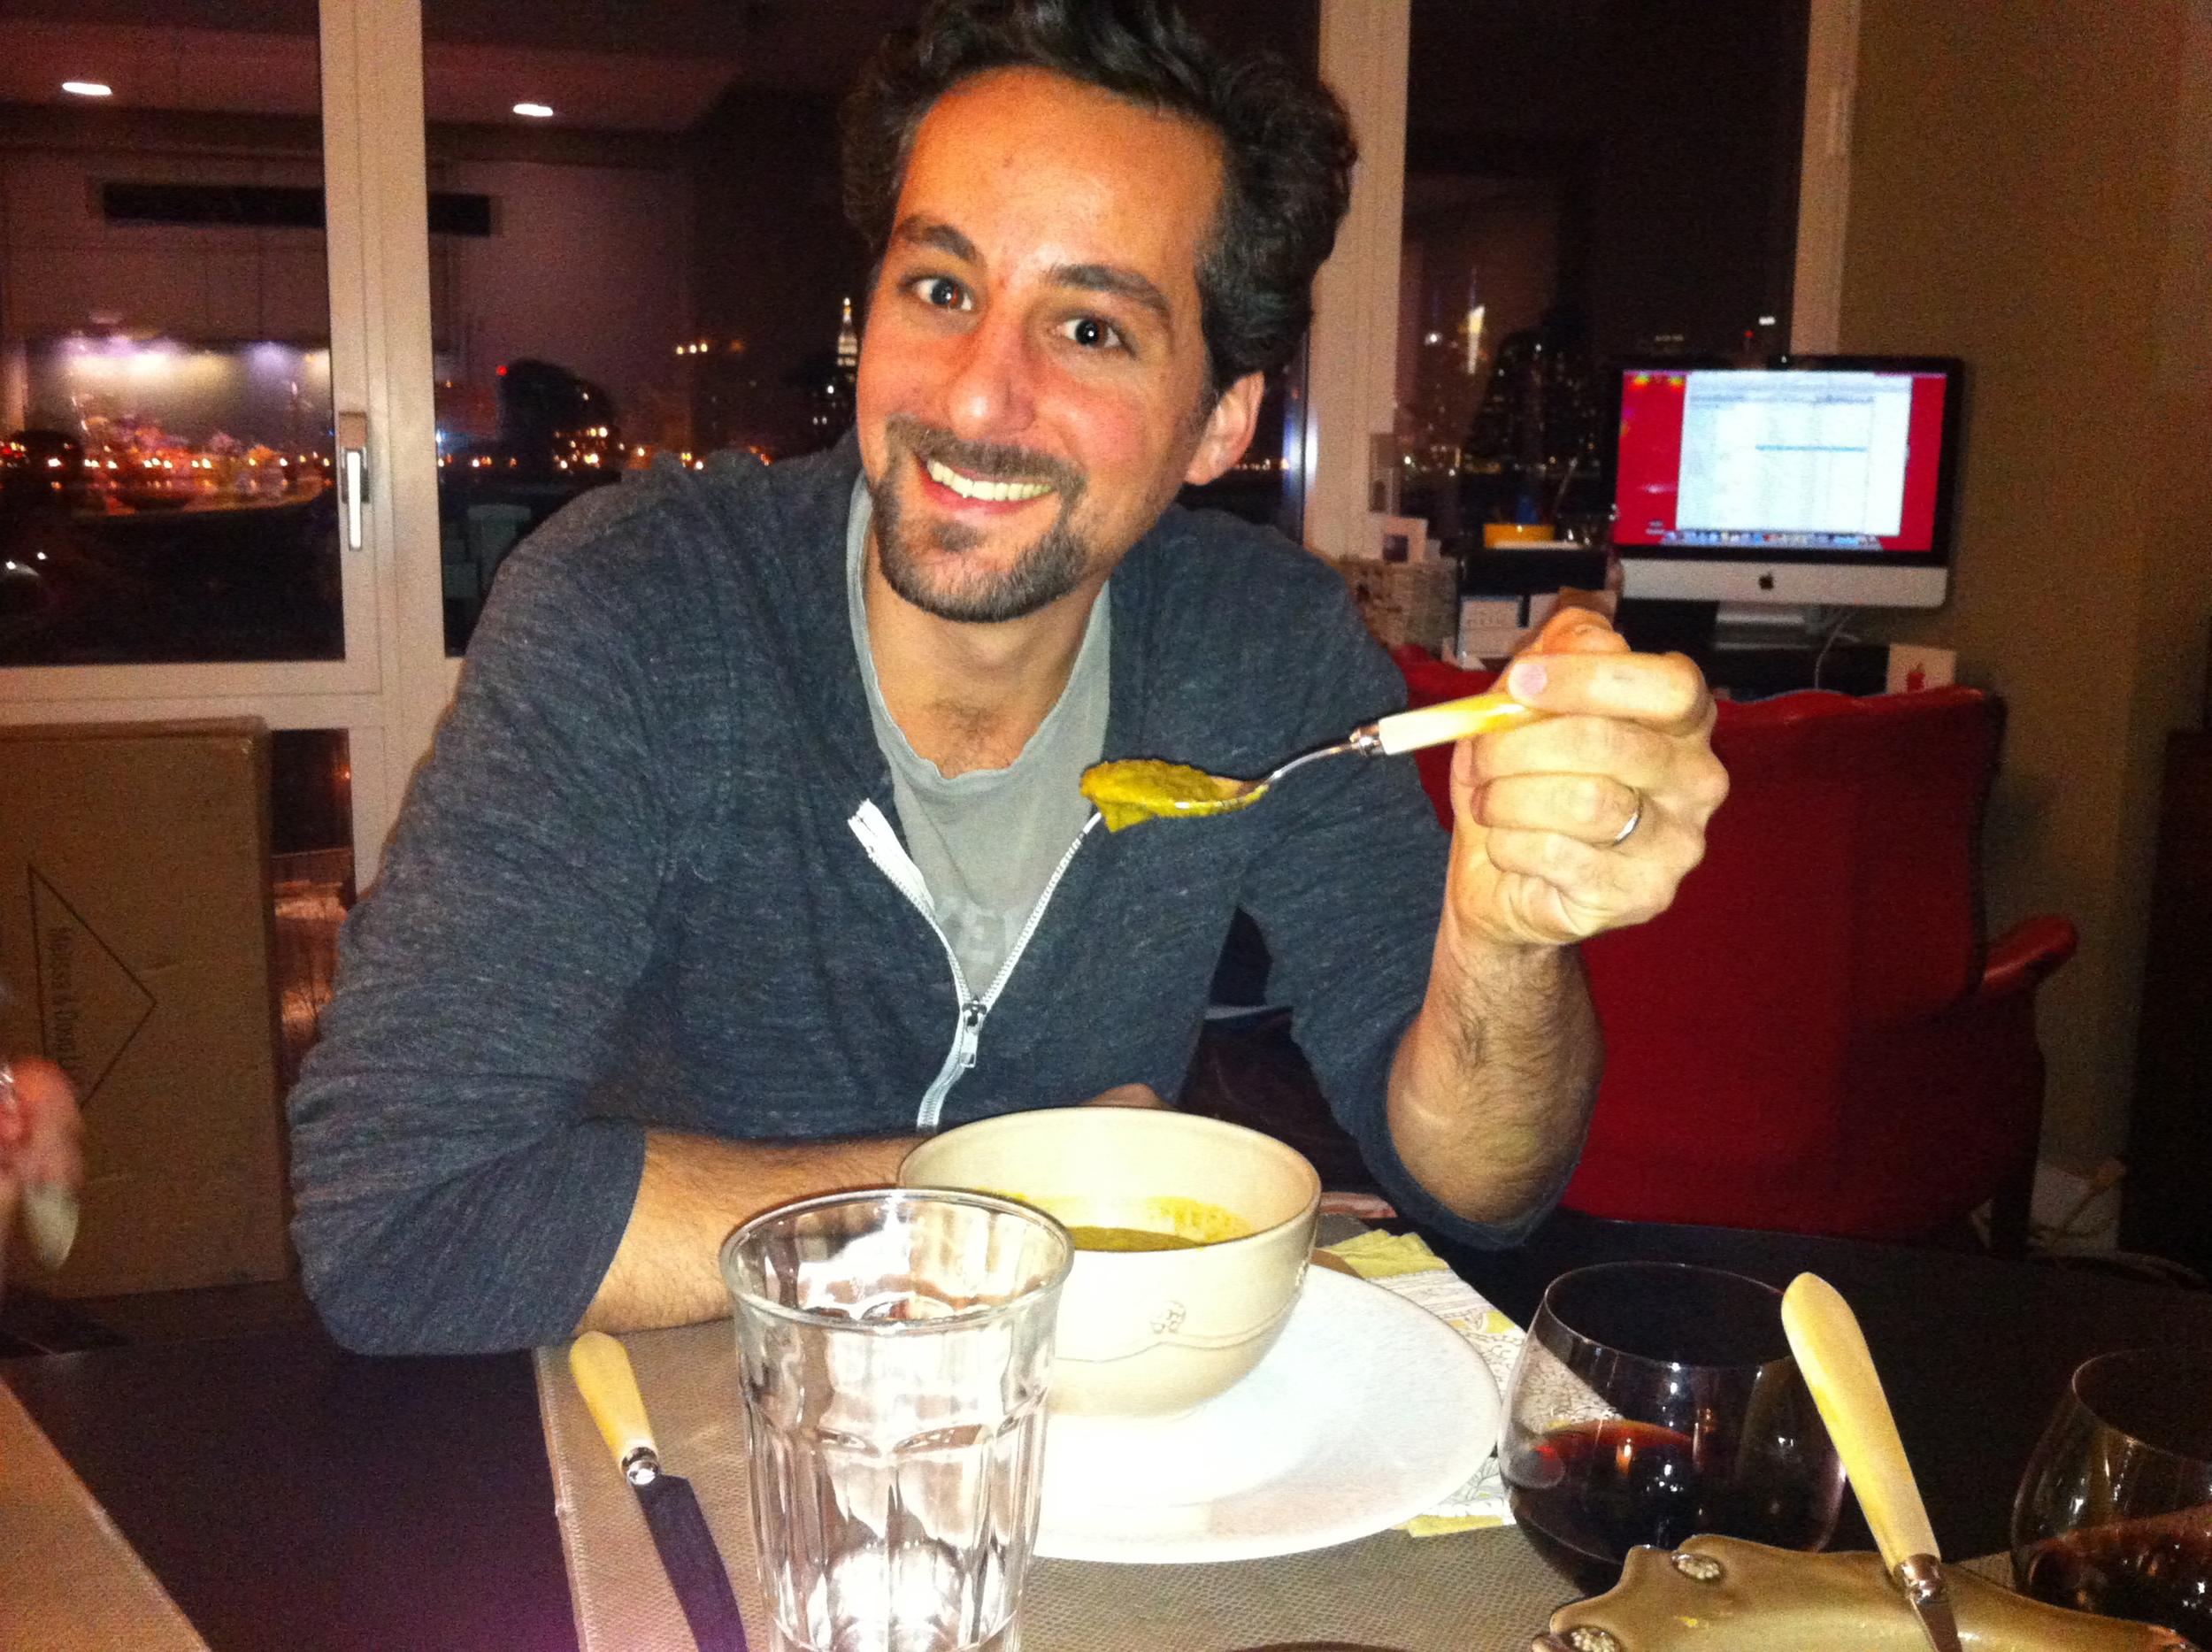 Chris totally loved the vegan lentil soup.